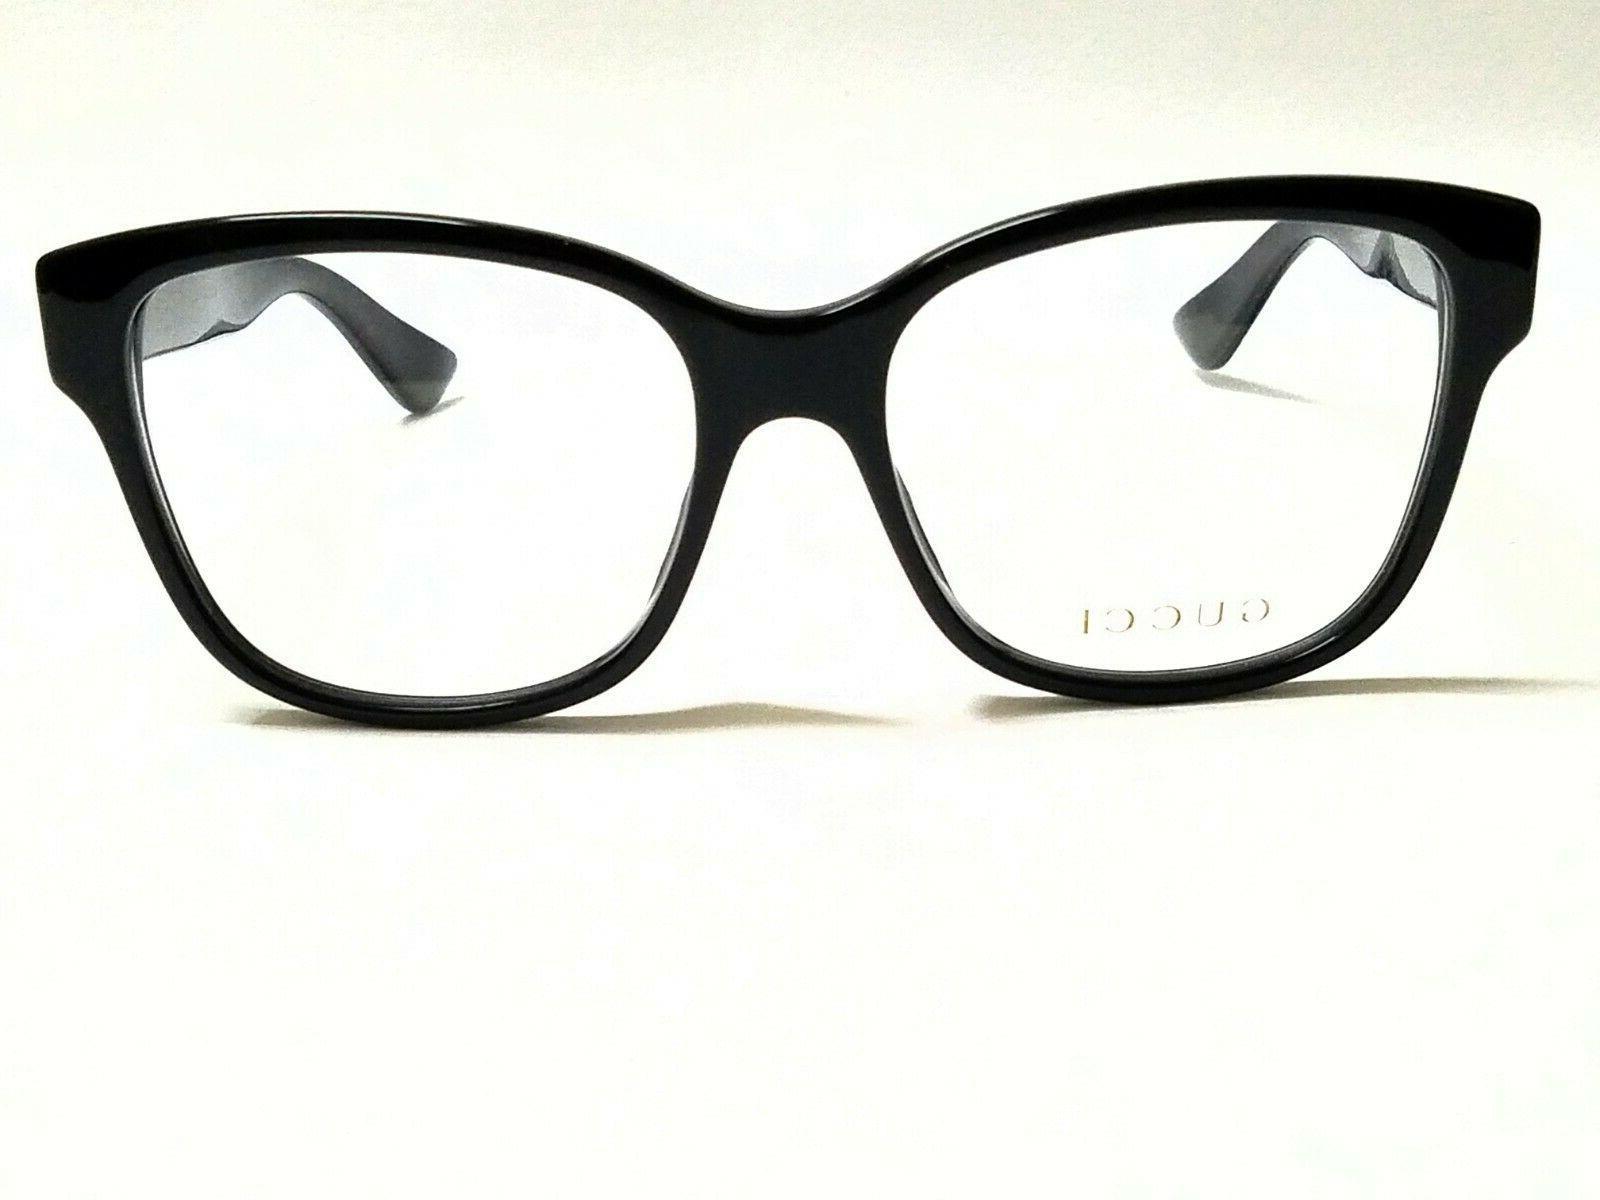 New 001 Black 54/17/140 RX